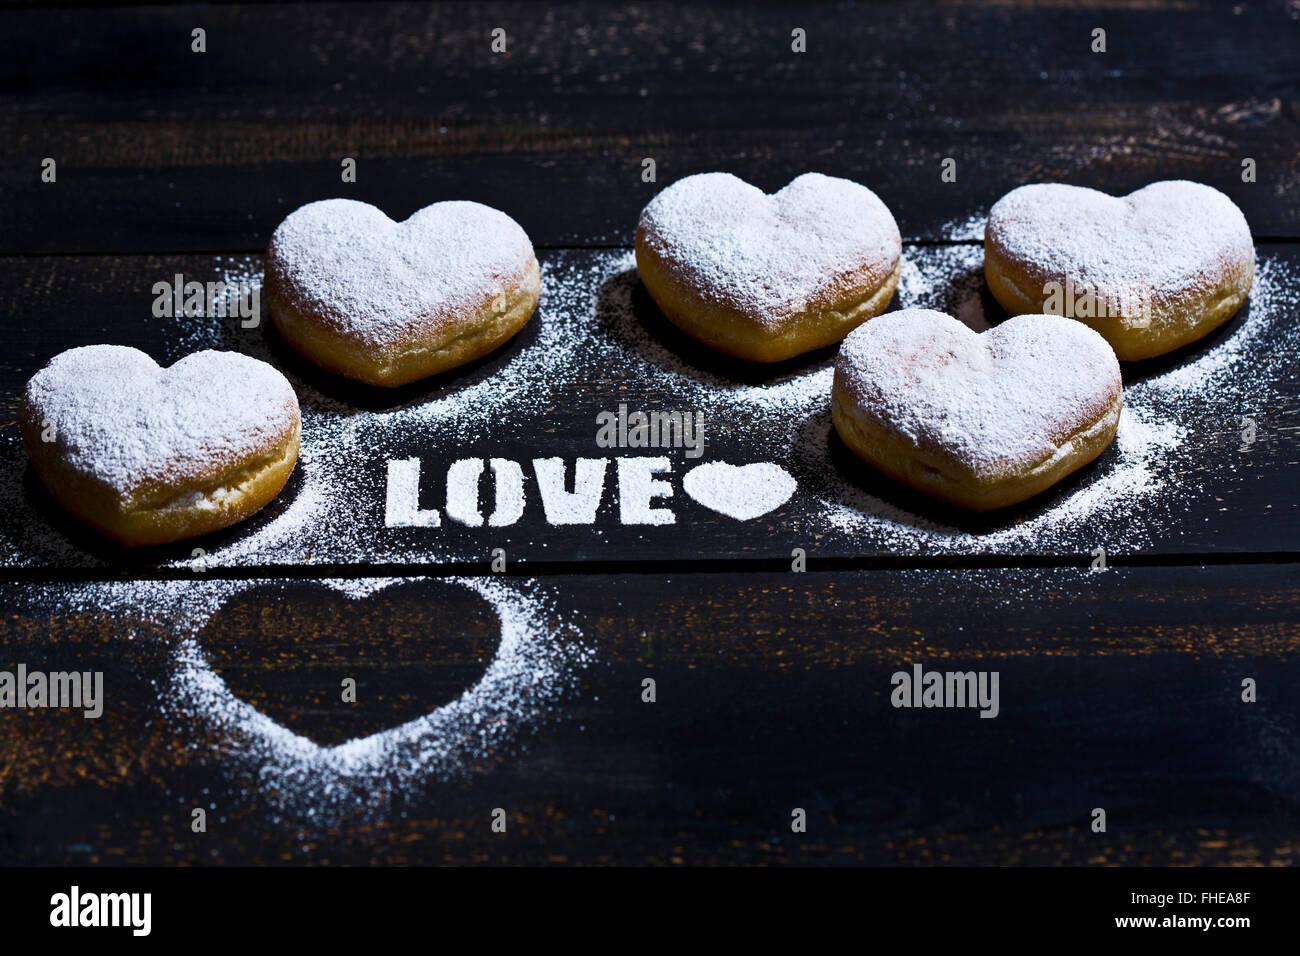 La parola 'amore' stampata con zucchero a velo e 5 a forma di cuore sulla crullers legno scuro Immagini Stock